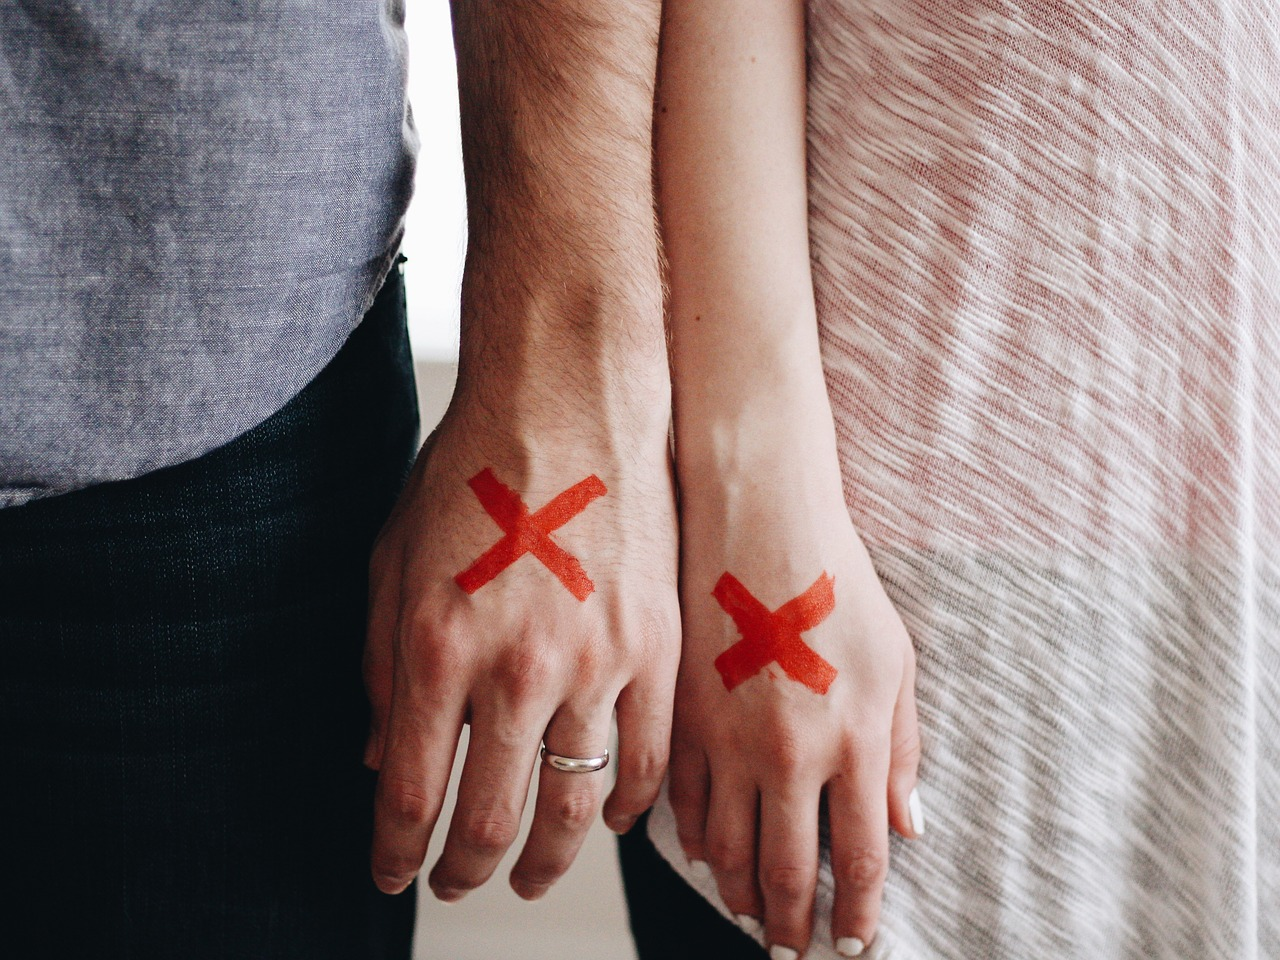 divorce-hands